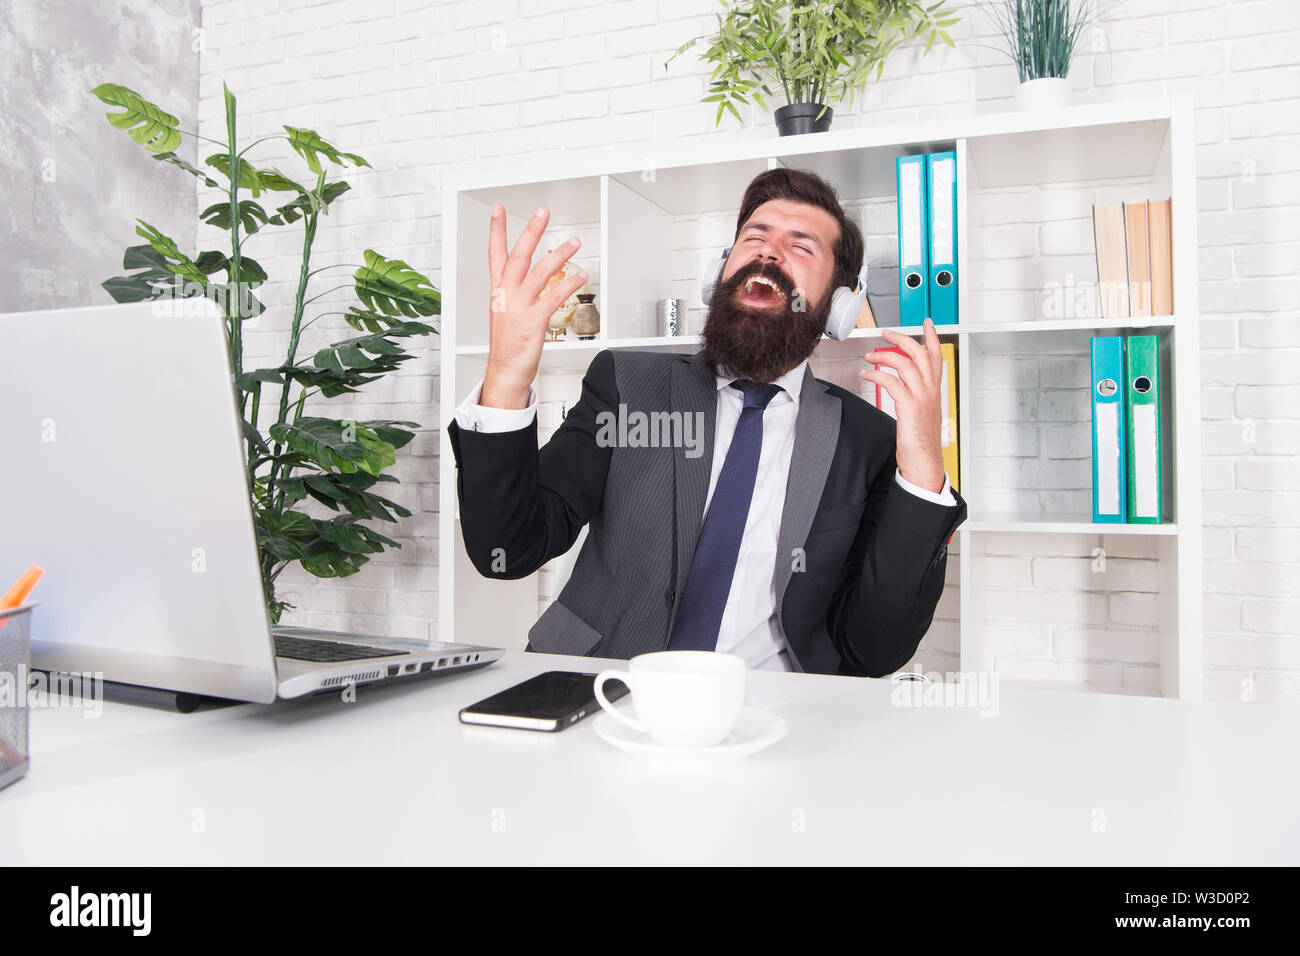 Agent d'assurance comptable détente avec musique préférée. Concept de la productivité. La bonne humeur et l'inspiration. La musique de motivation. Homme d'affaires prospère. Employé de bureau de l'homme musique écoute casque. Photo Stock